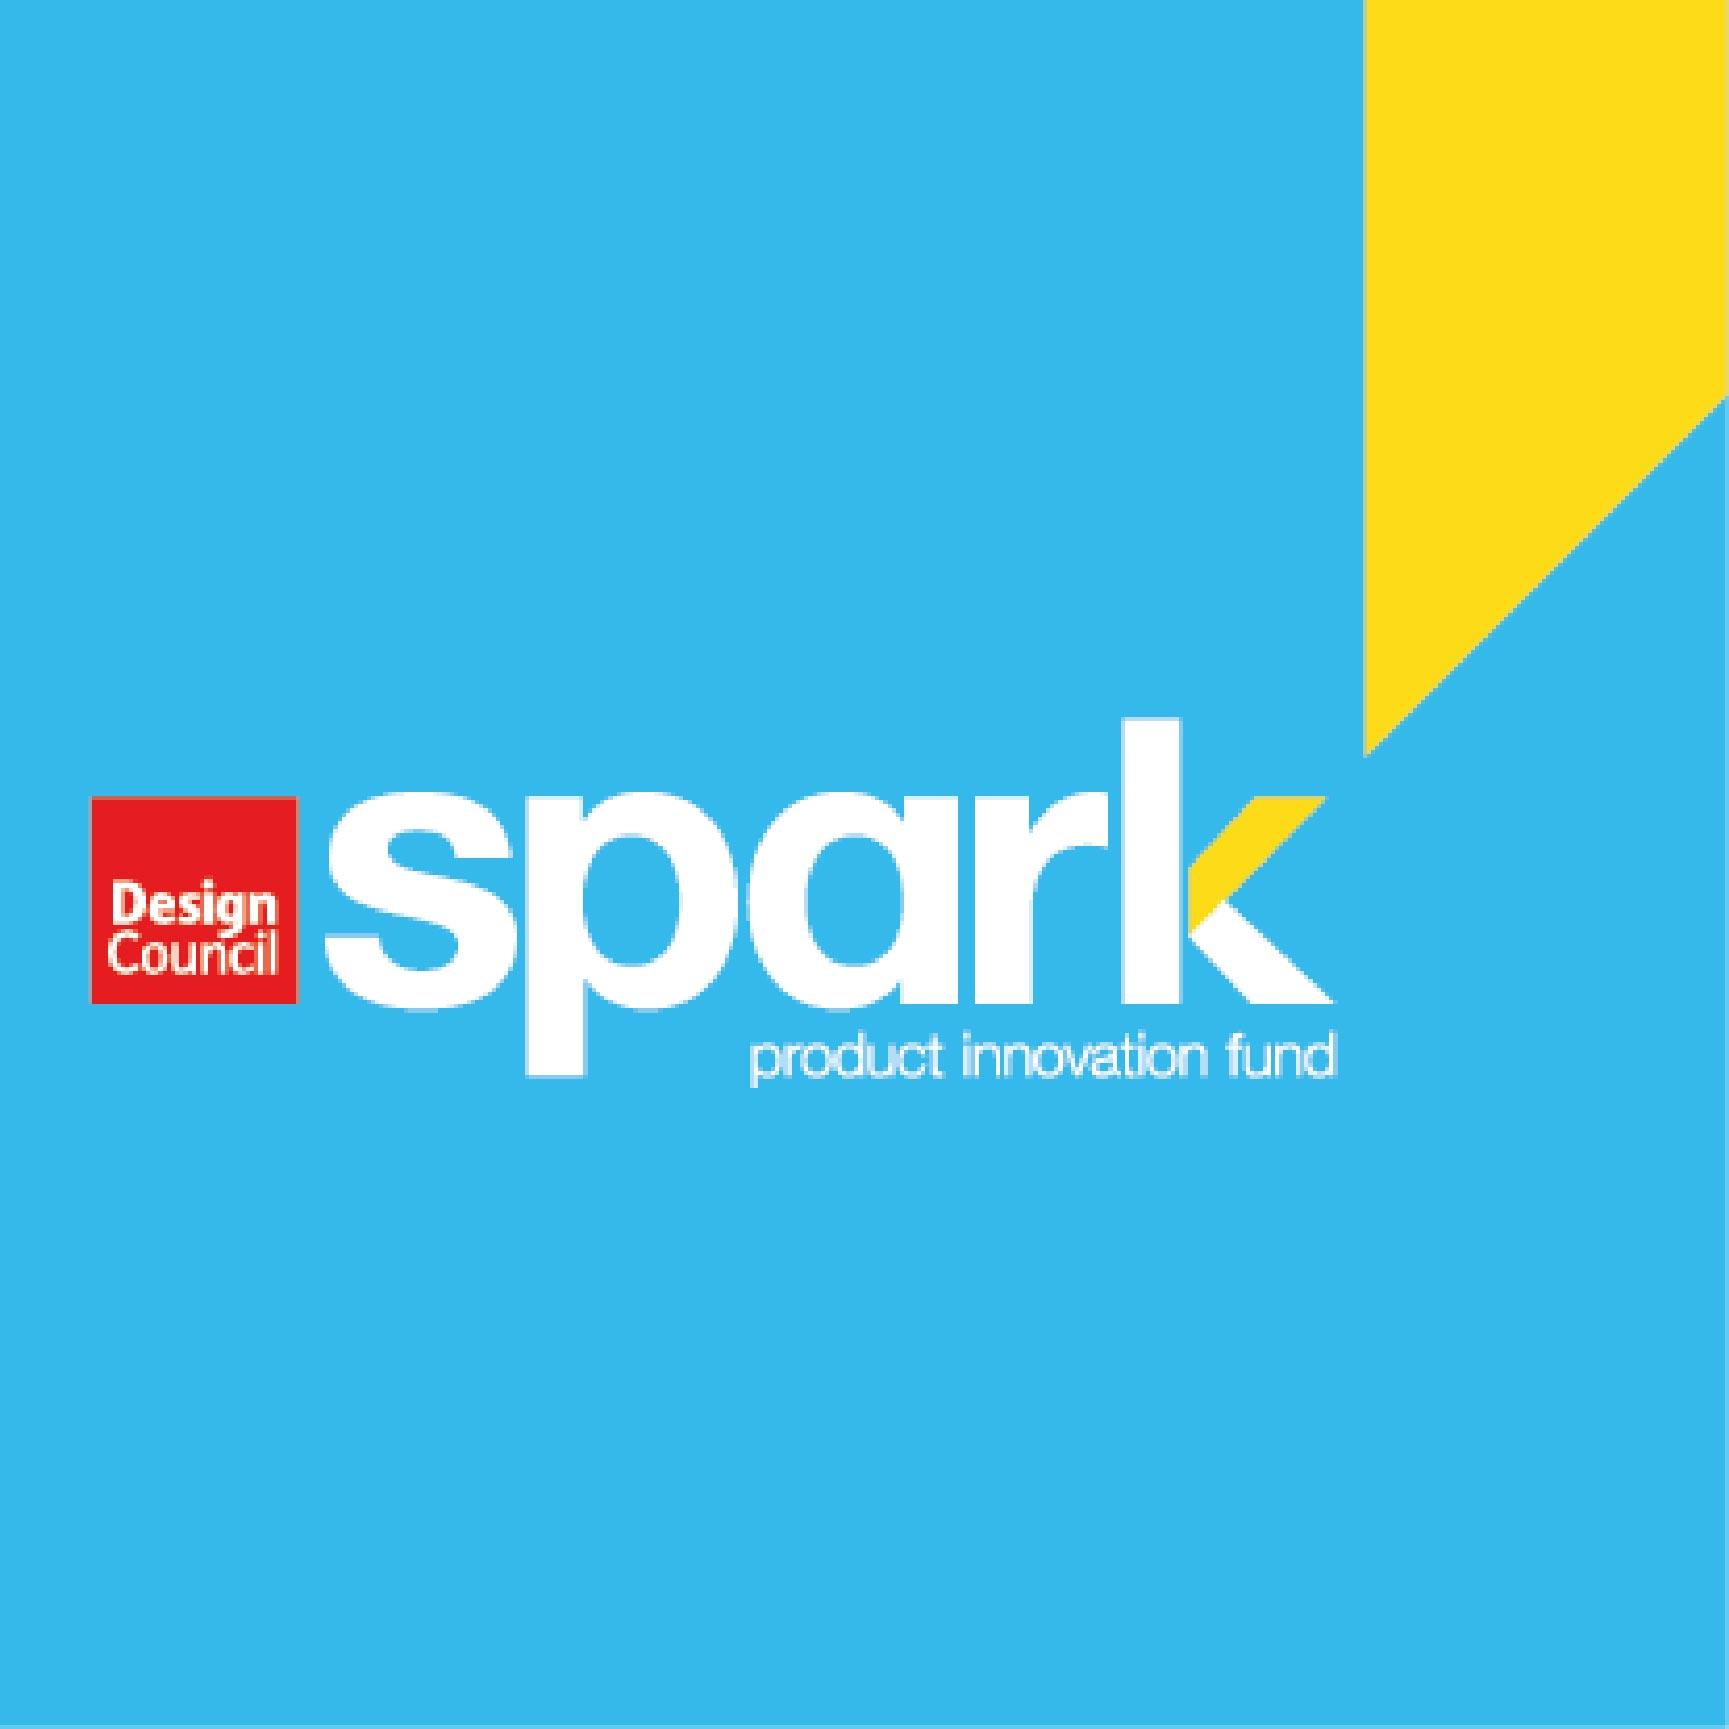 DC SPARK LOGO LOCKUP-02.jpg